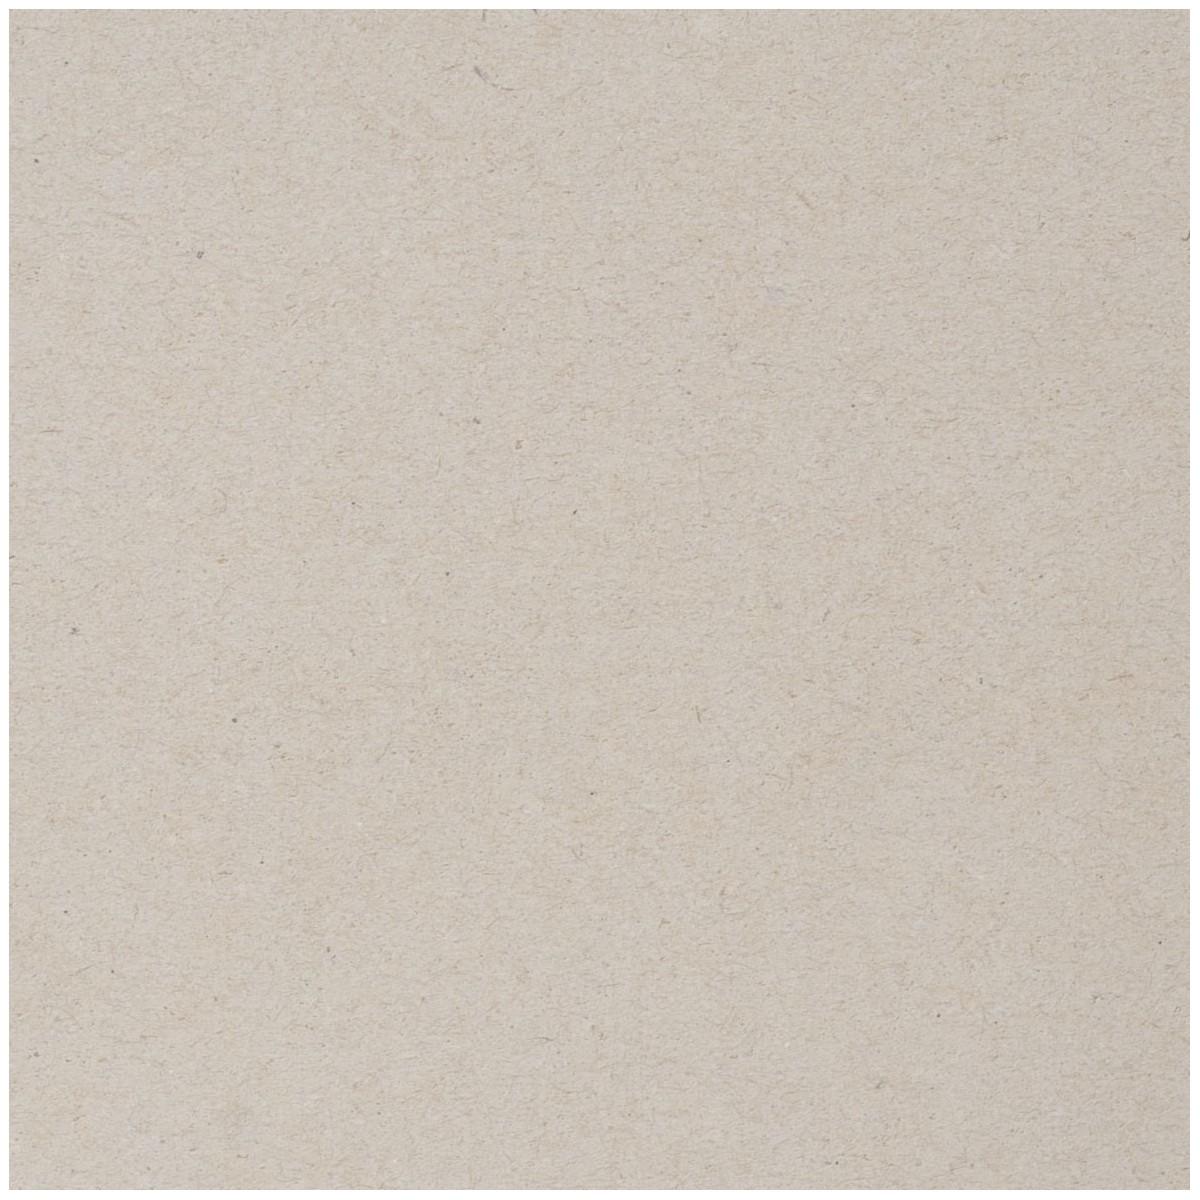 Carta Paglia ECOCHIC Gr.85 Fogli Cm.70x100 Colori Tinta Unita Bianco